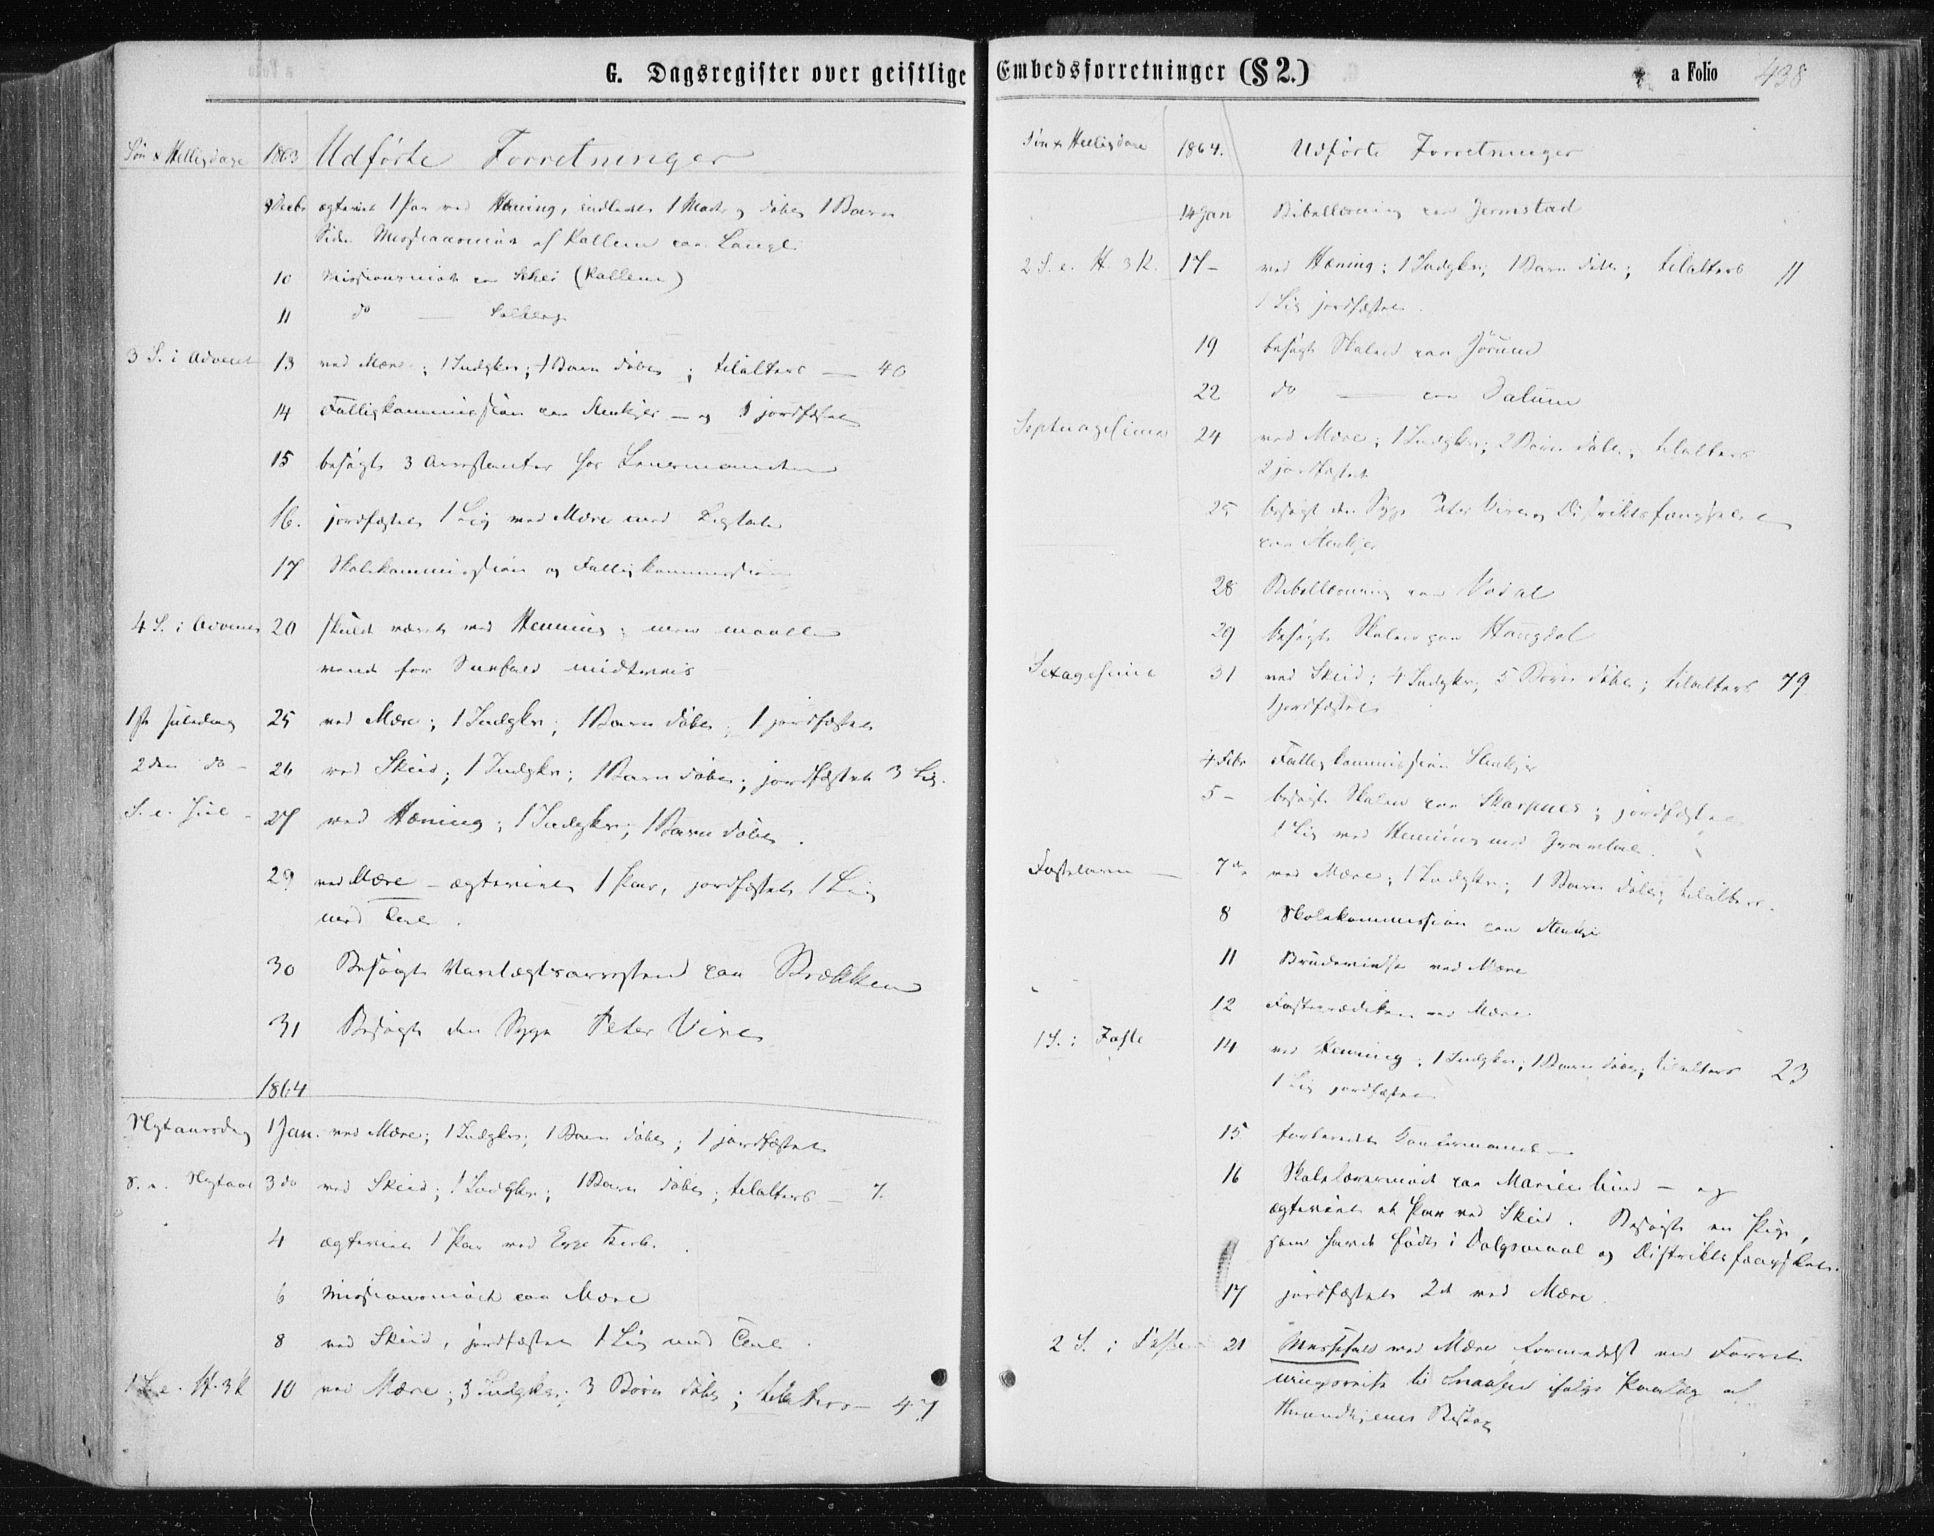 SAT, Ministerialprotokoller, klokkerbøker og fødselsregistre - Nord-Trøndelag, 735/L0345: Ministerialbok nr. 735A08 /1, 1863-1872, s. 438